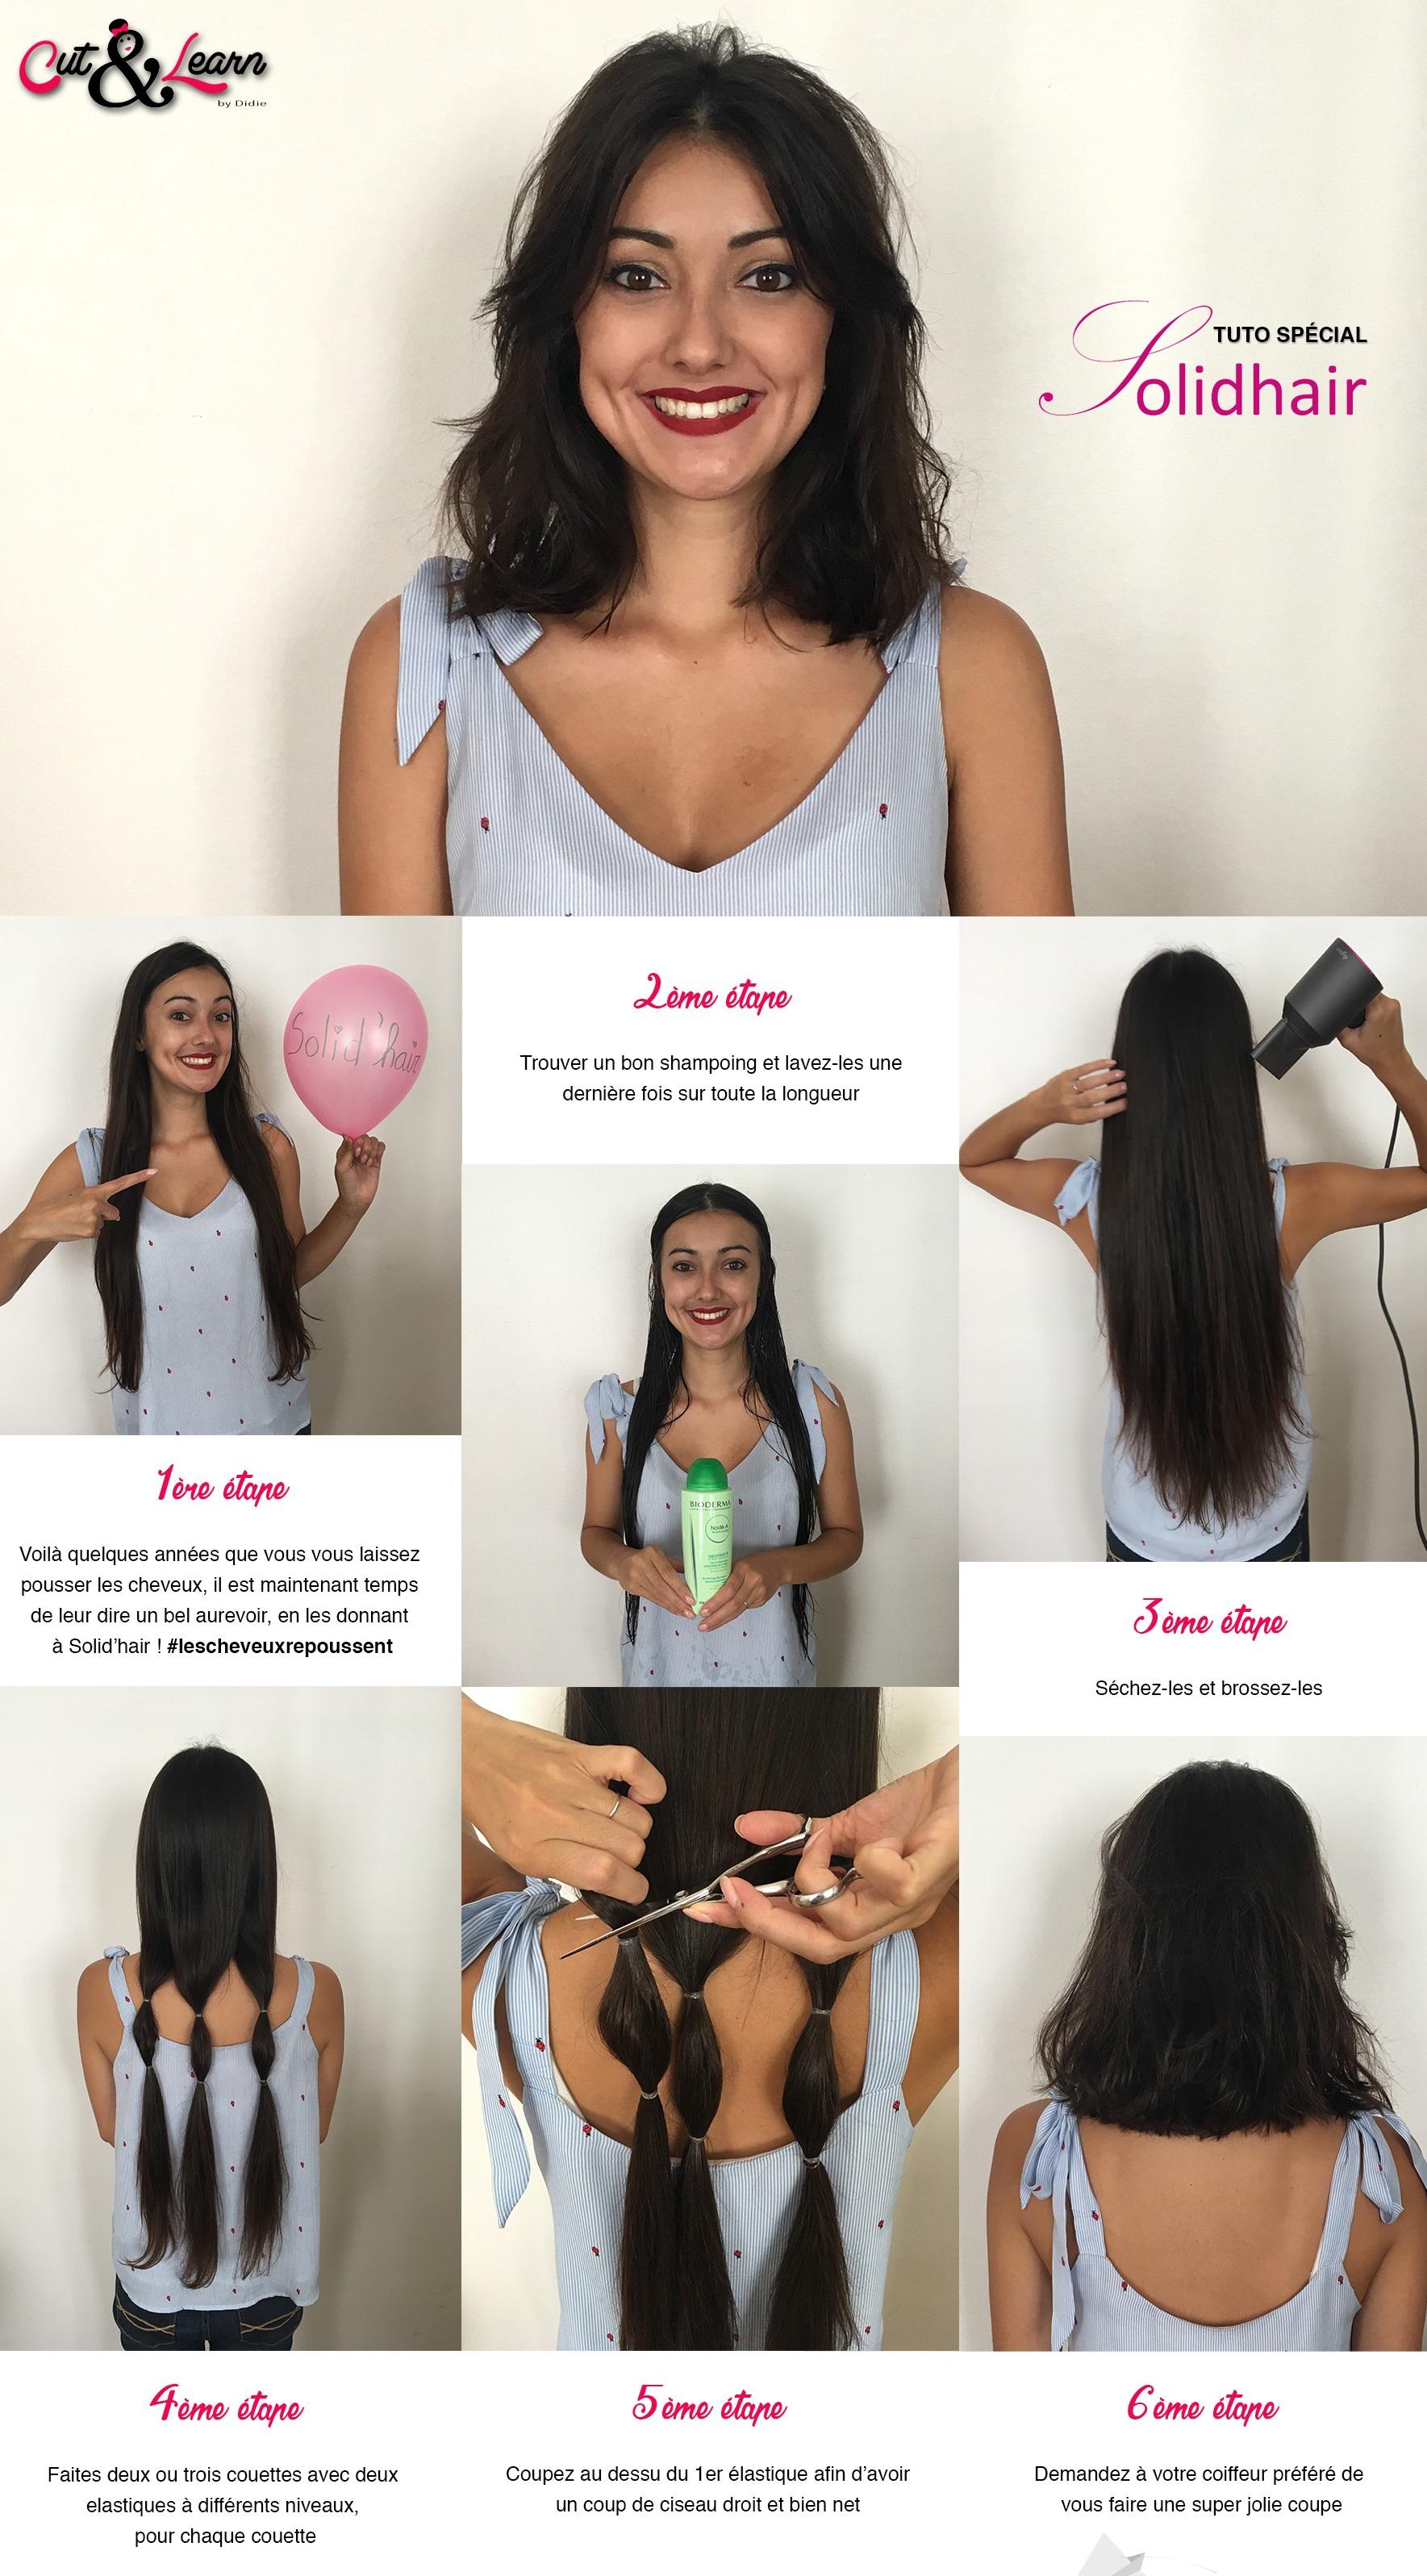 Liste de prix des femmes pour la coupe de cheveux